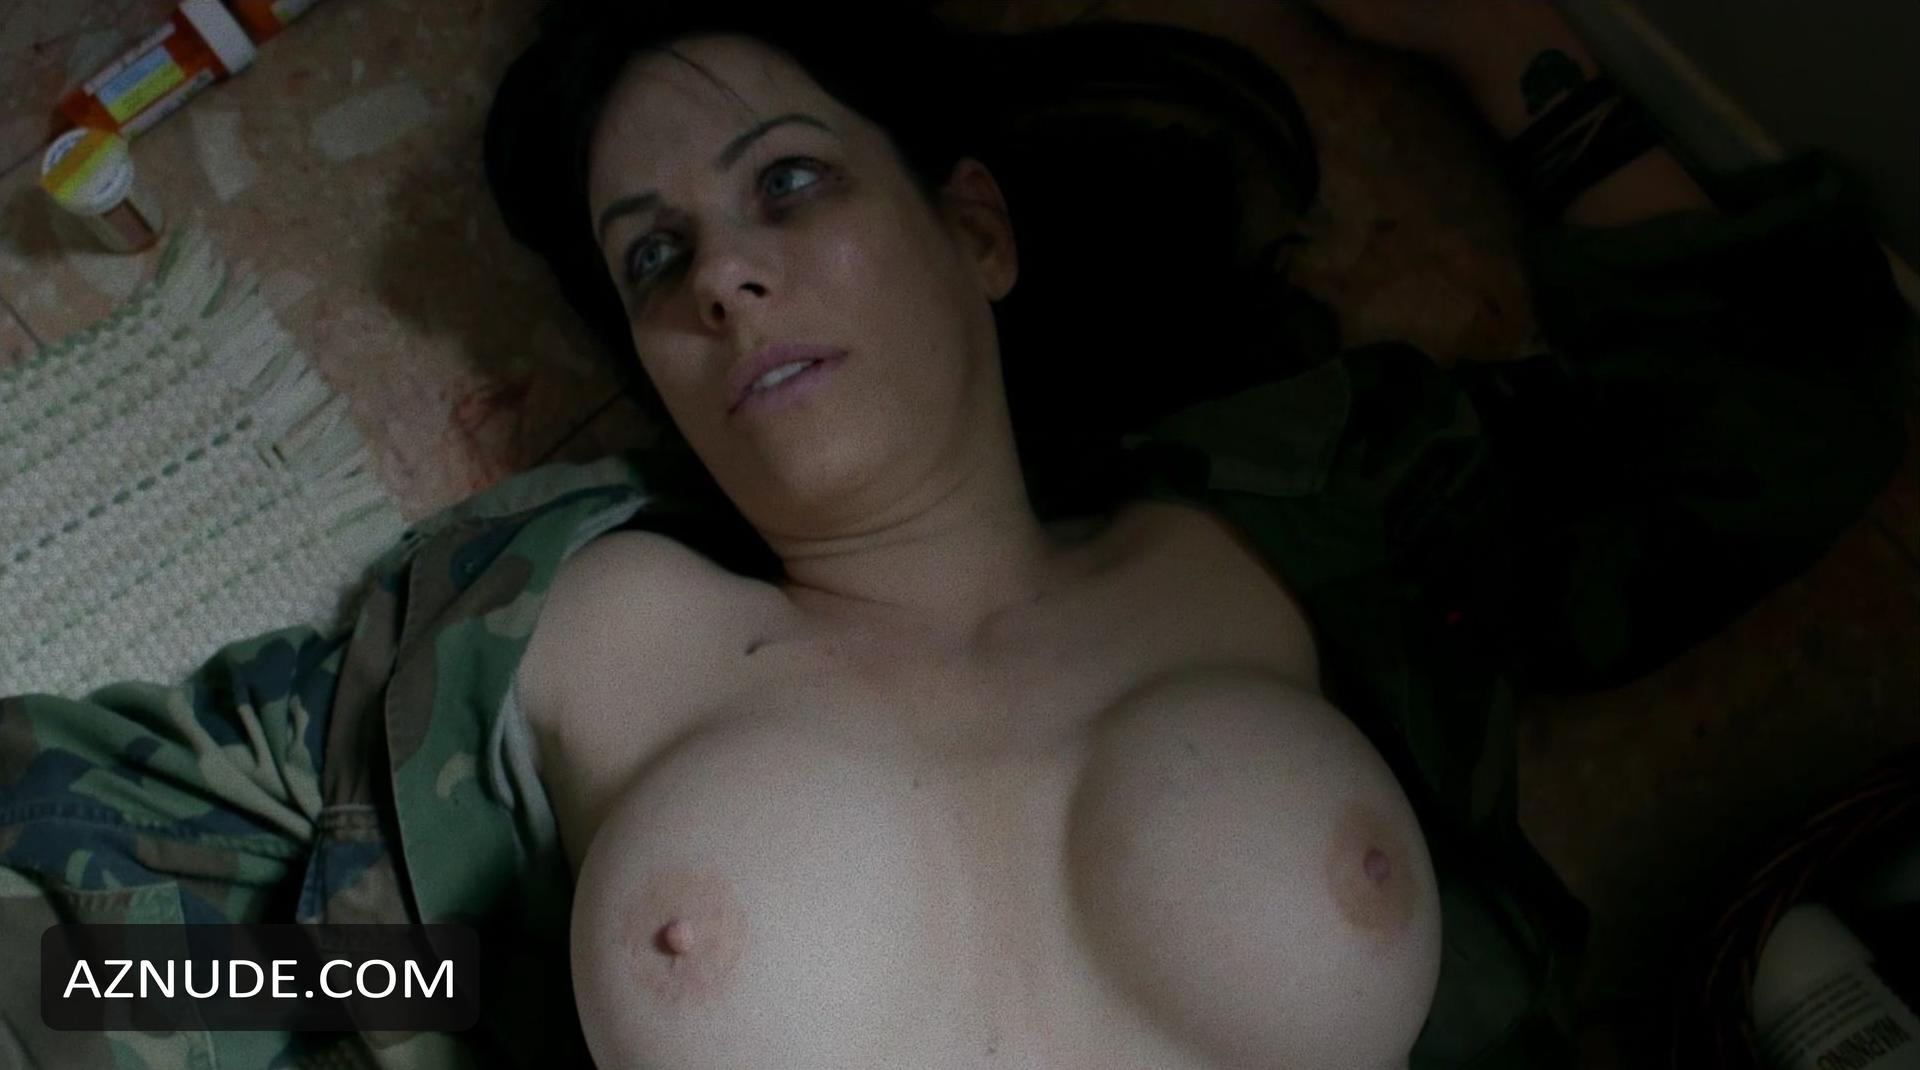 Amber Dawn Nude amber dawn lee nude - aznude